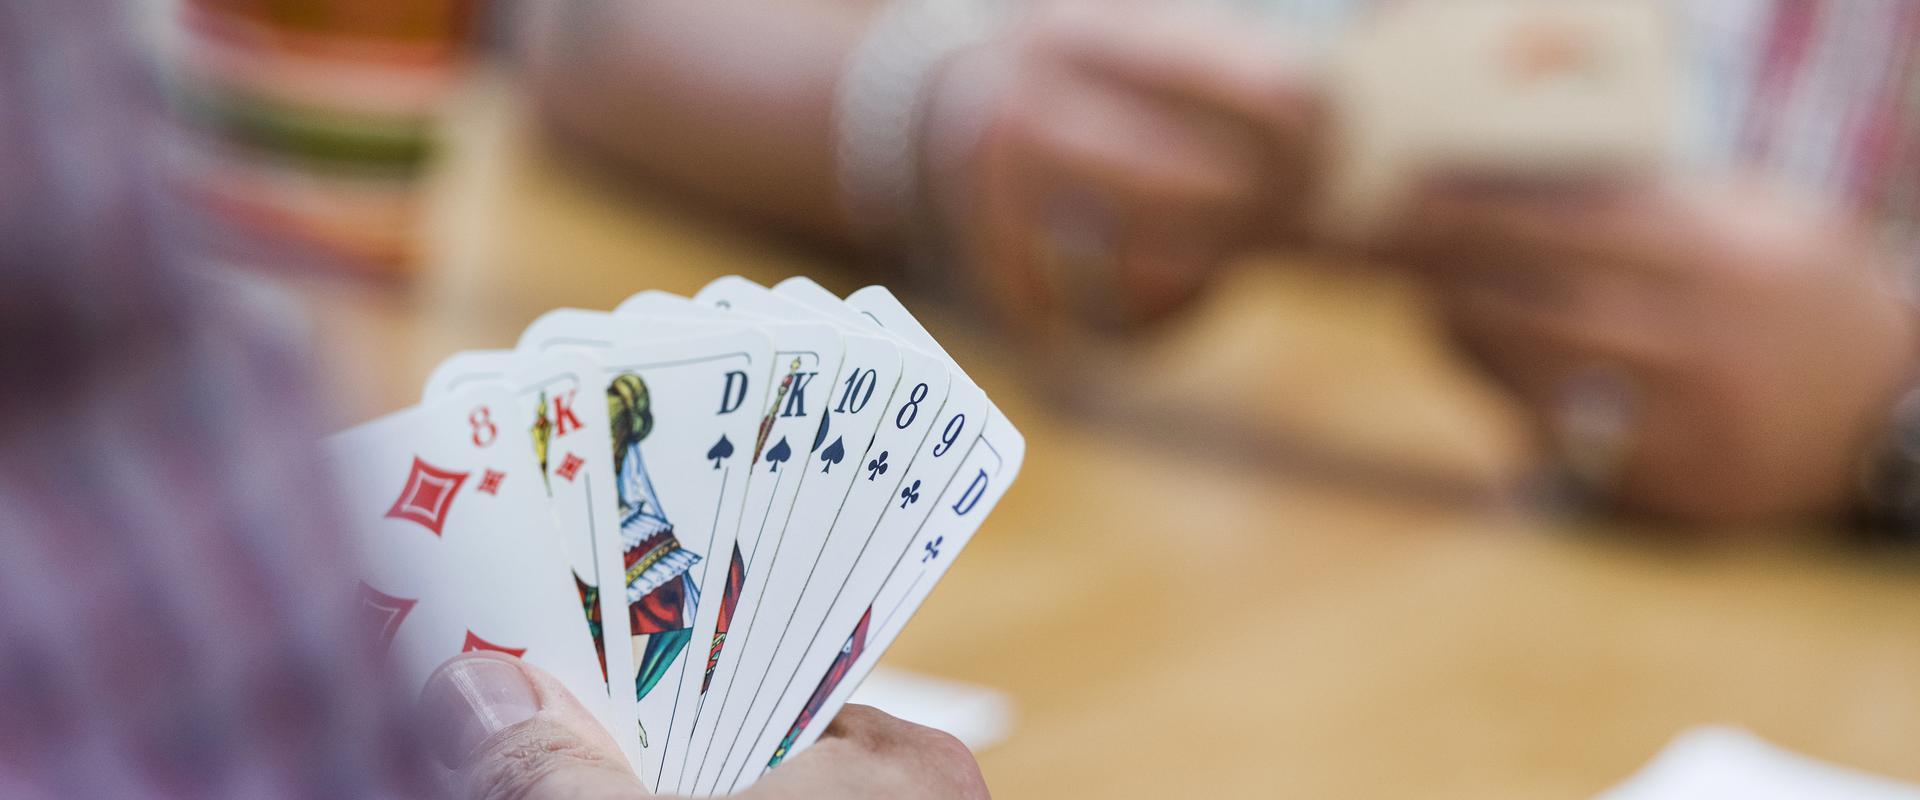 MEDIAN Klinik Freizeit und Umgebung Kartenspiel